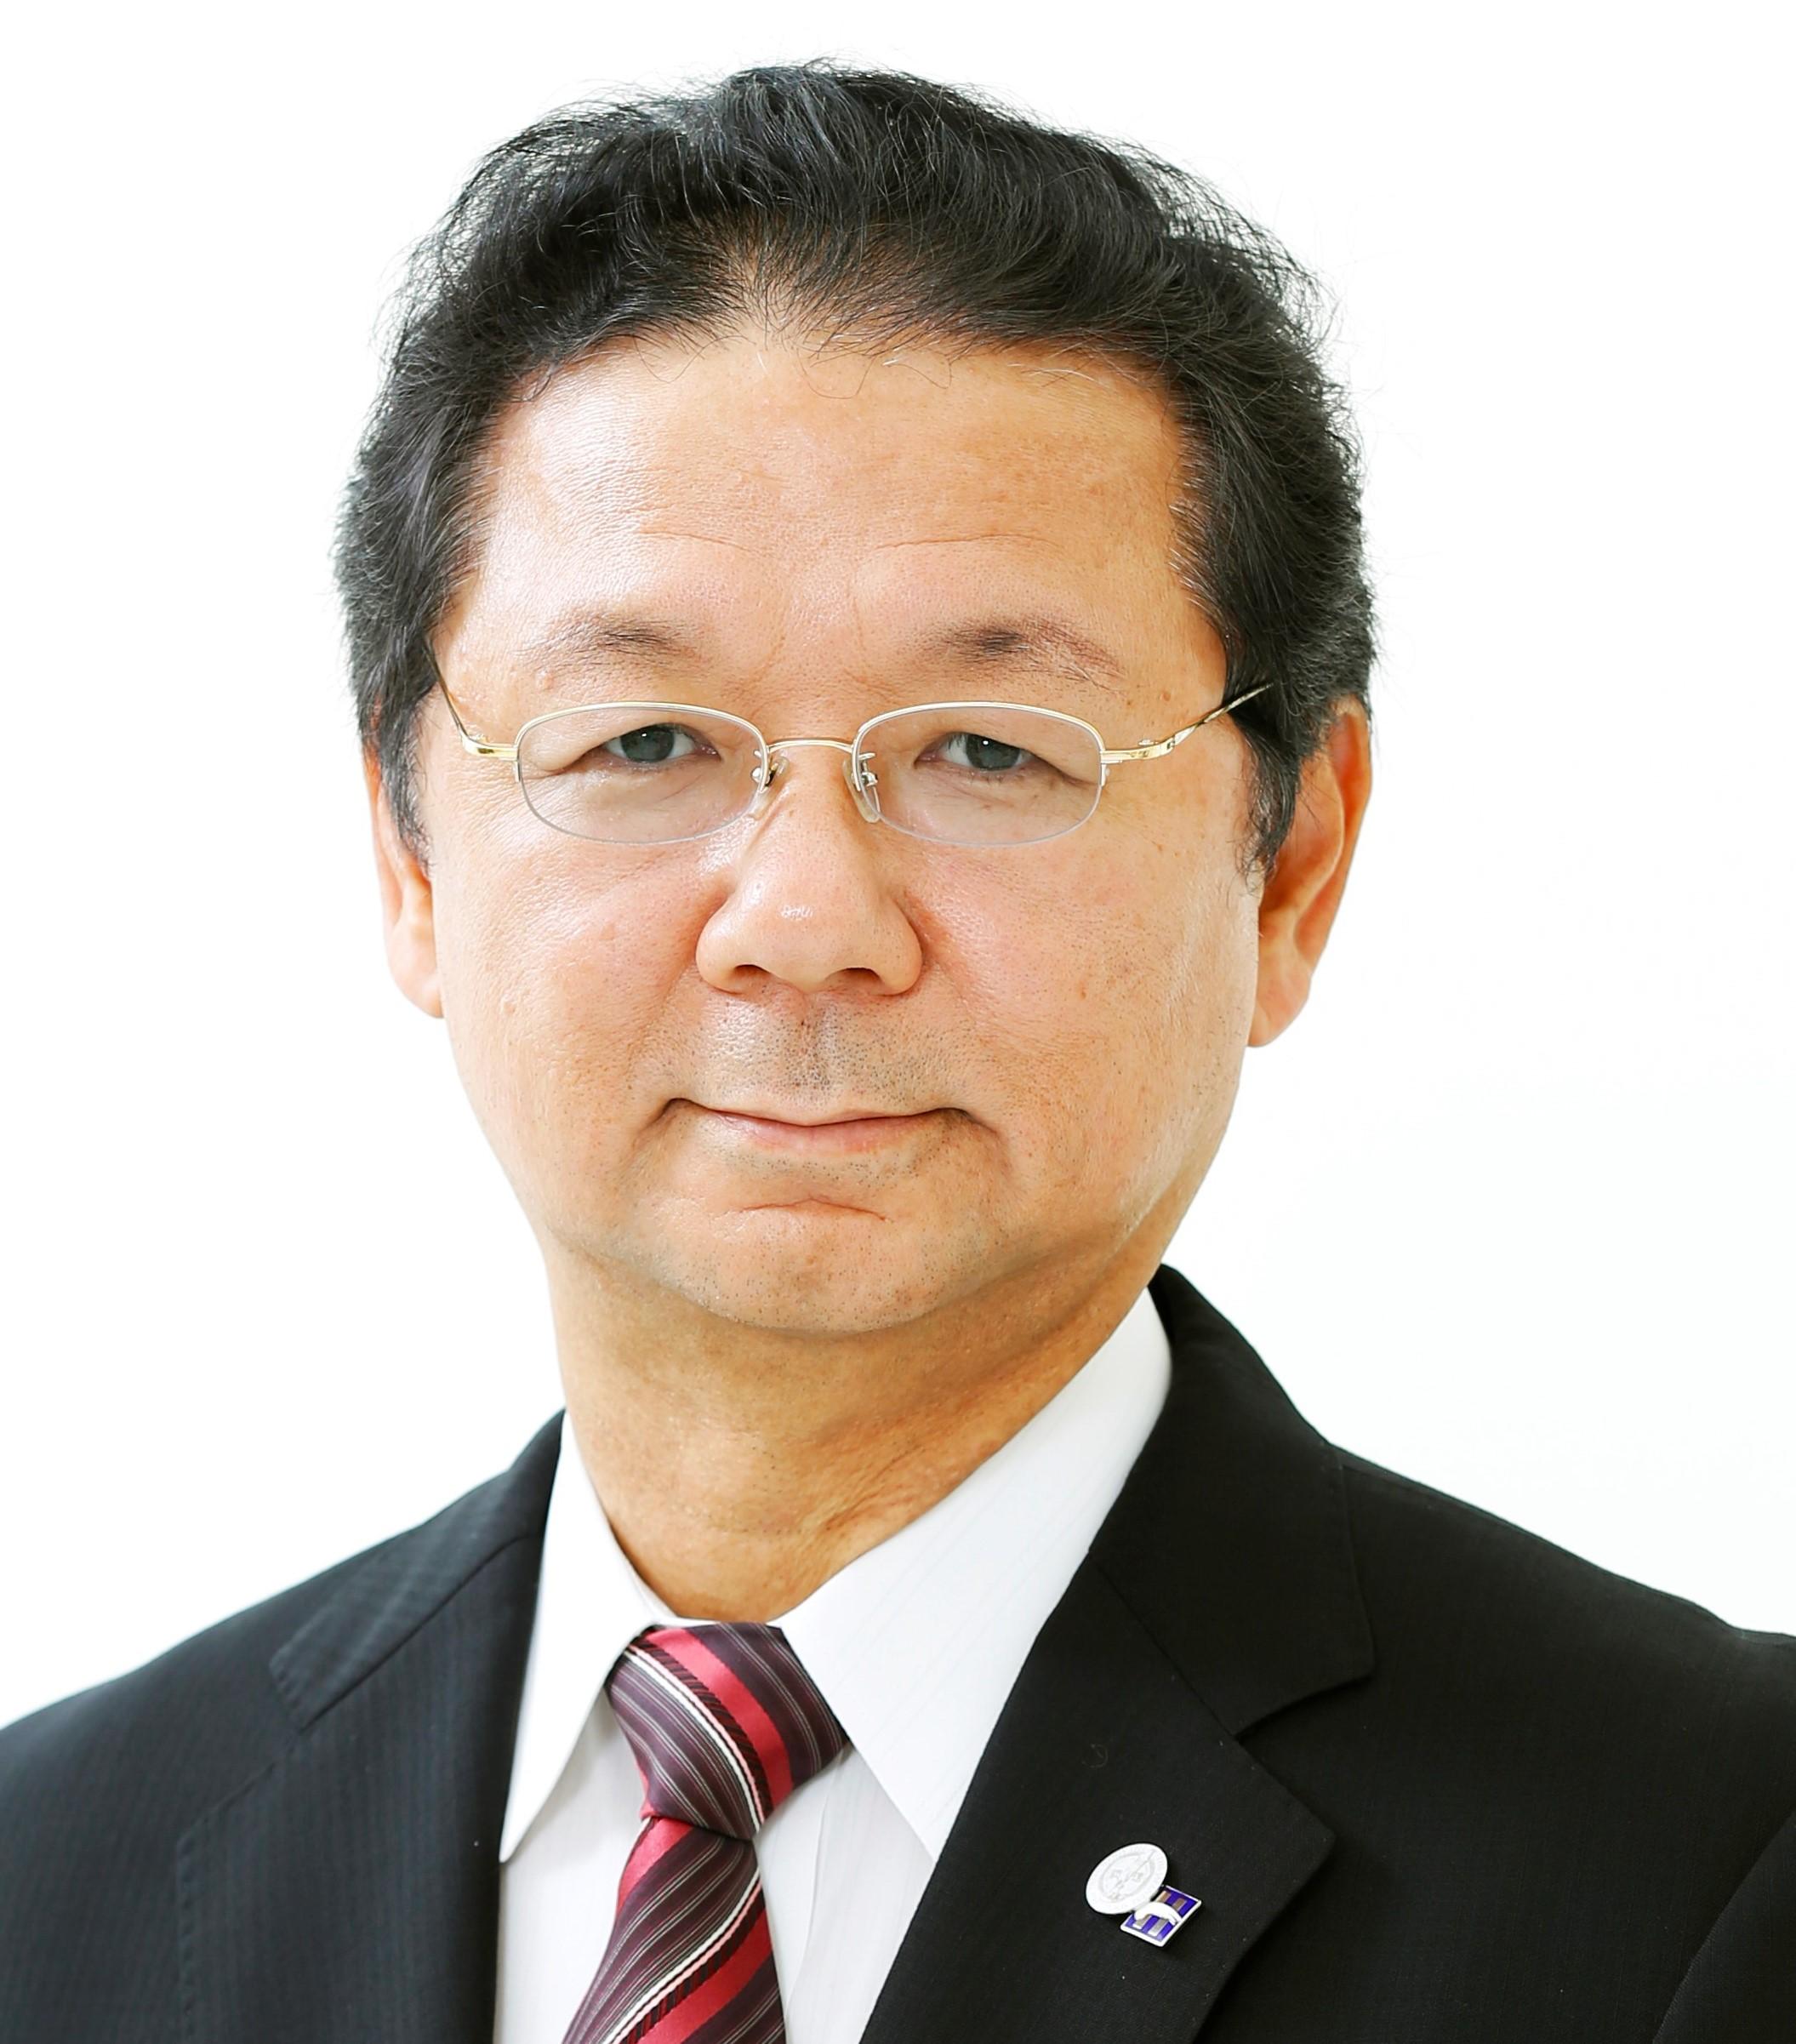 Kiyomi Taniyama